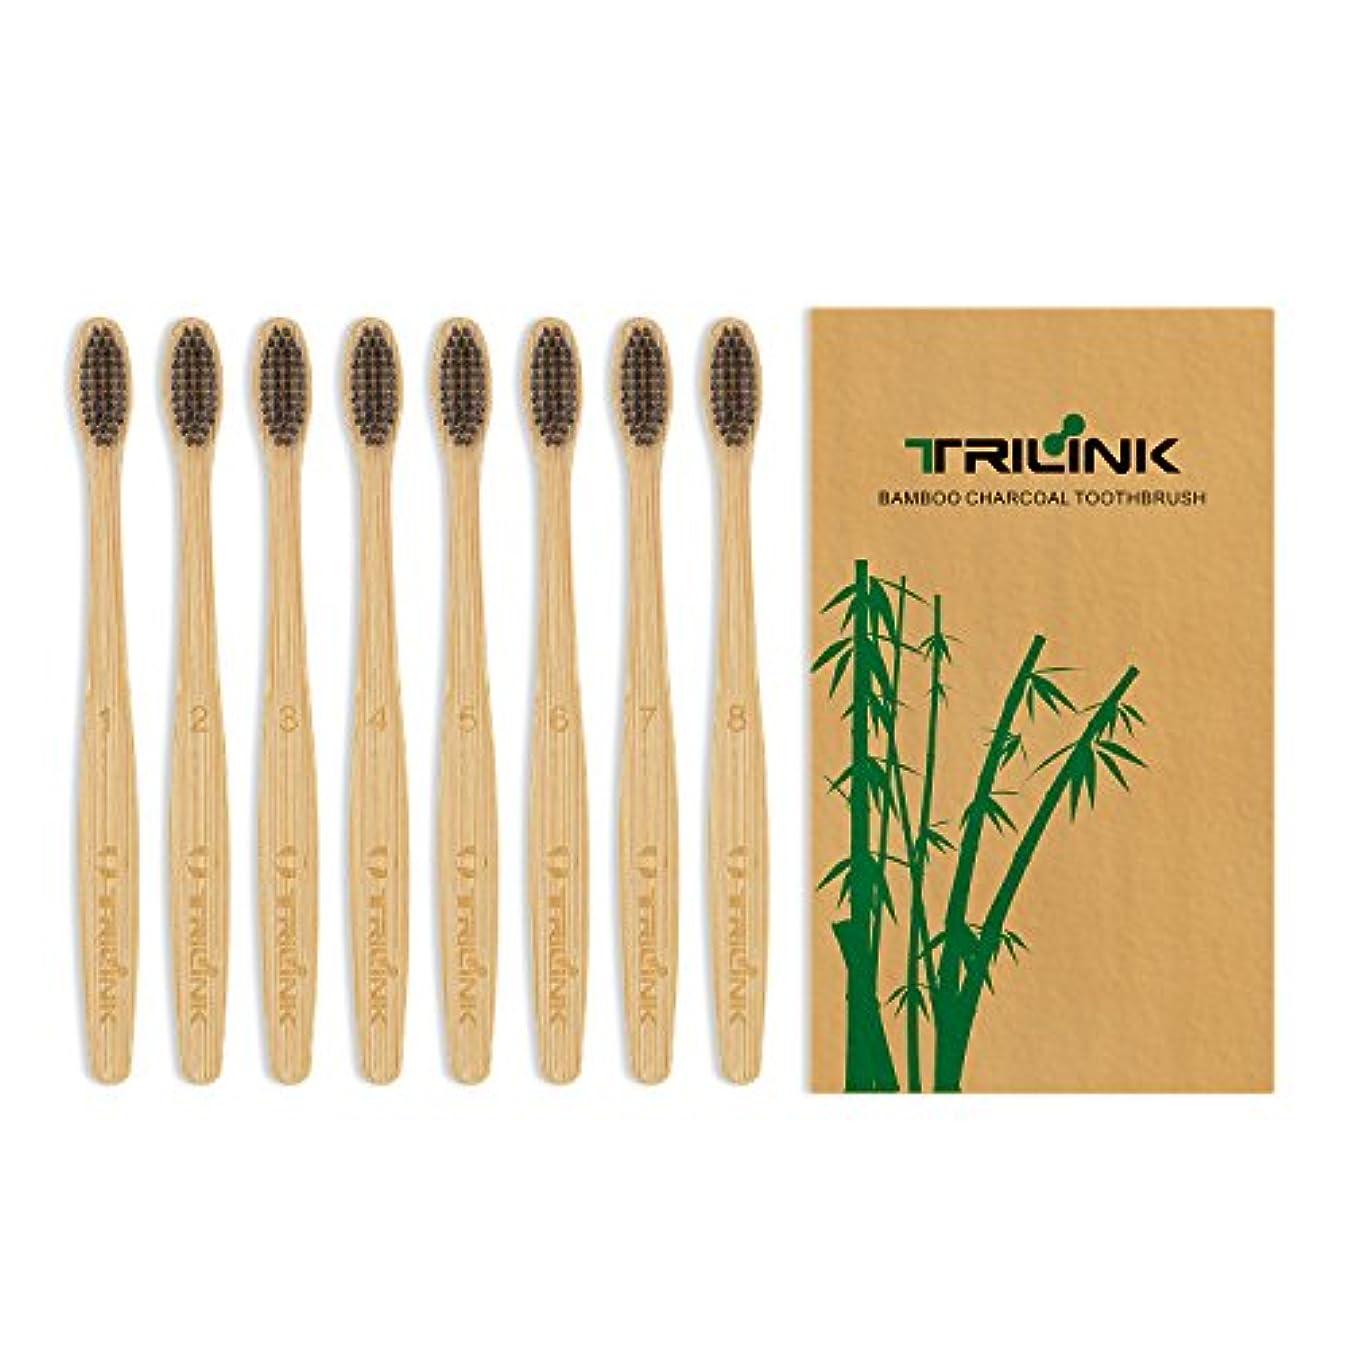 真剣にアサー自分大人用竹の歯ブラシ(8本) 環境保護 天然の柔らかい ハブラシ【 活性炭を注入】